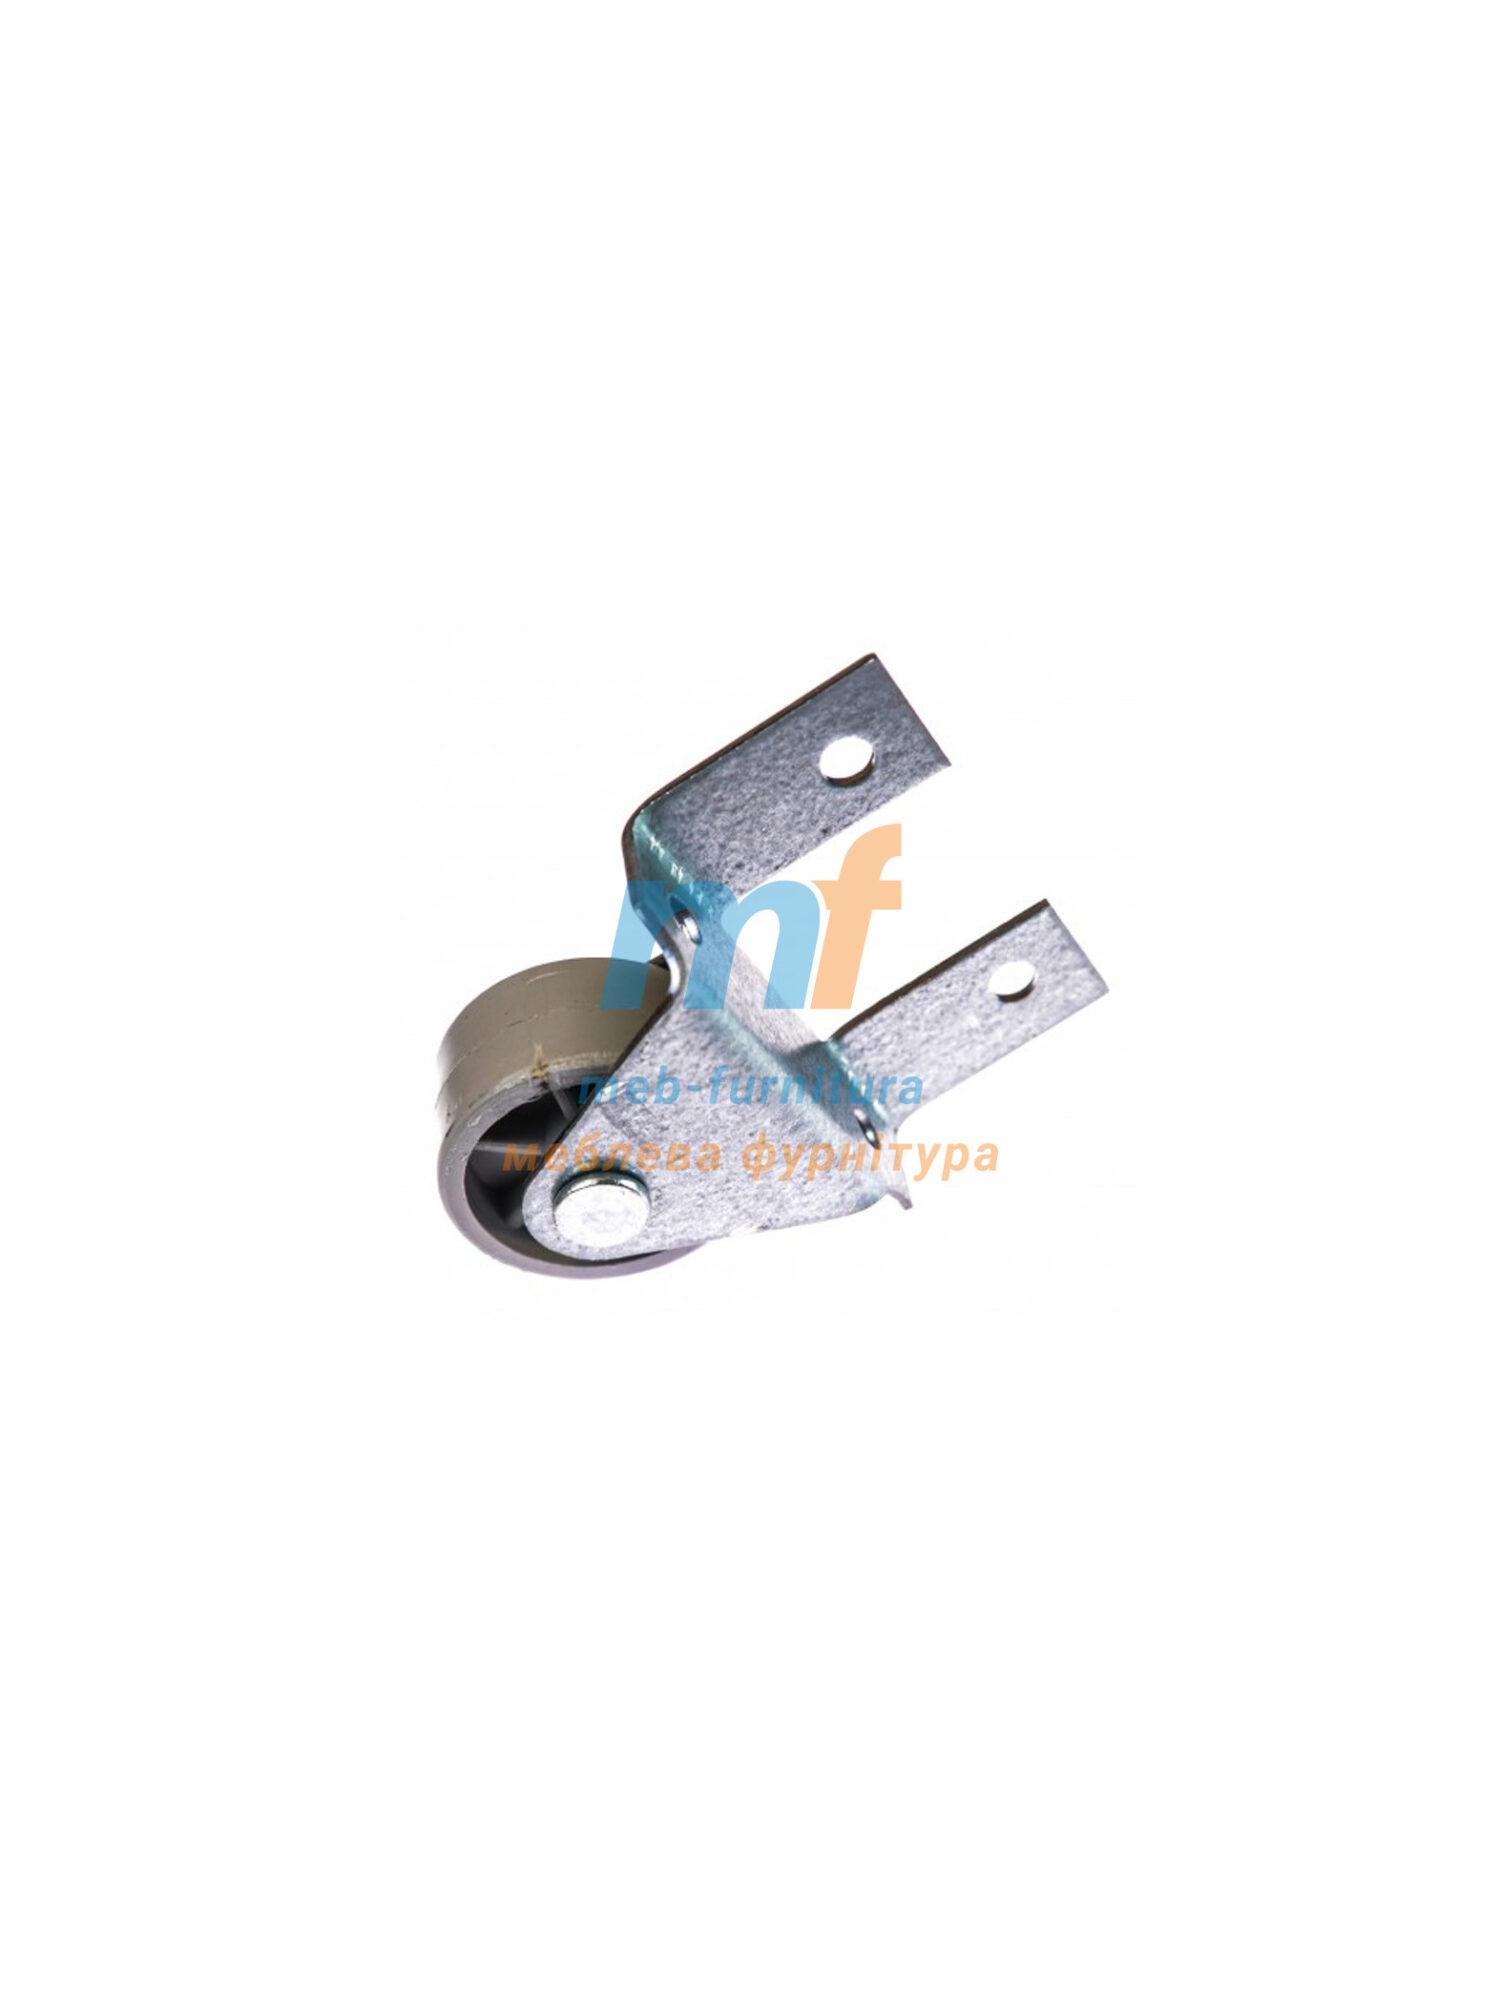 Колесо для мягкой мебели с рогами 40мм (3-008)